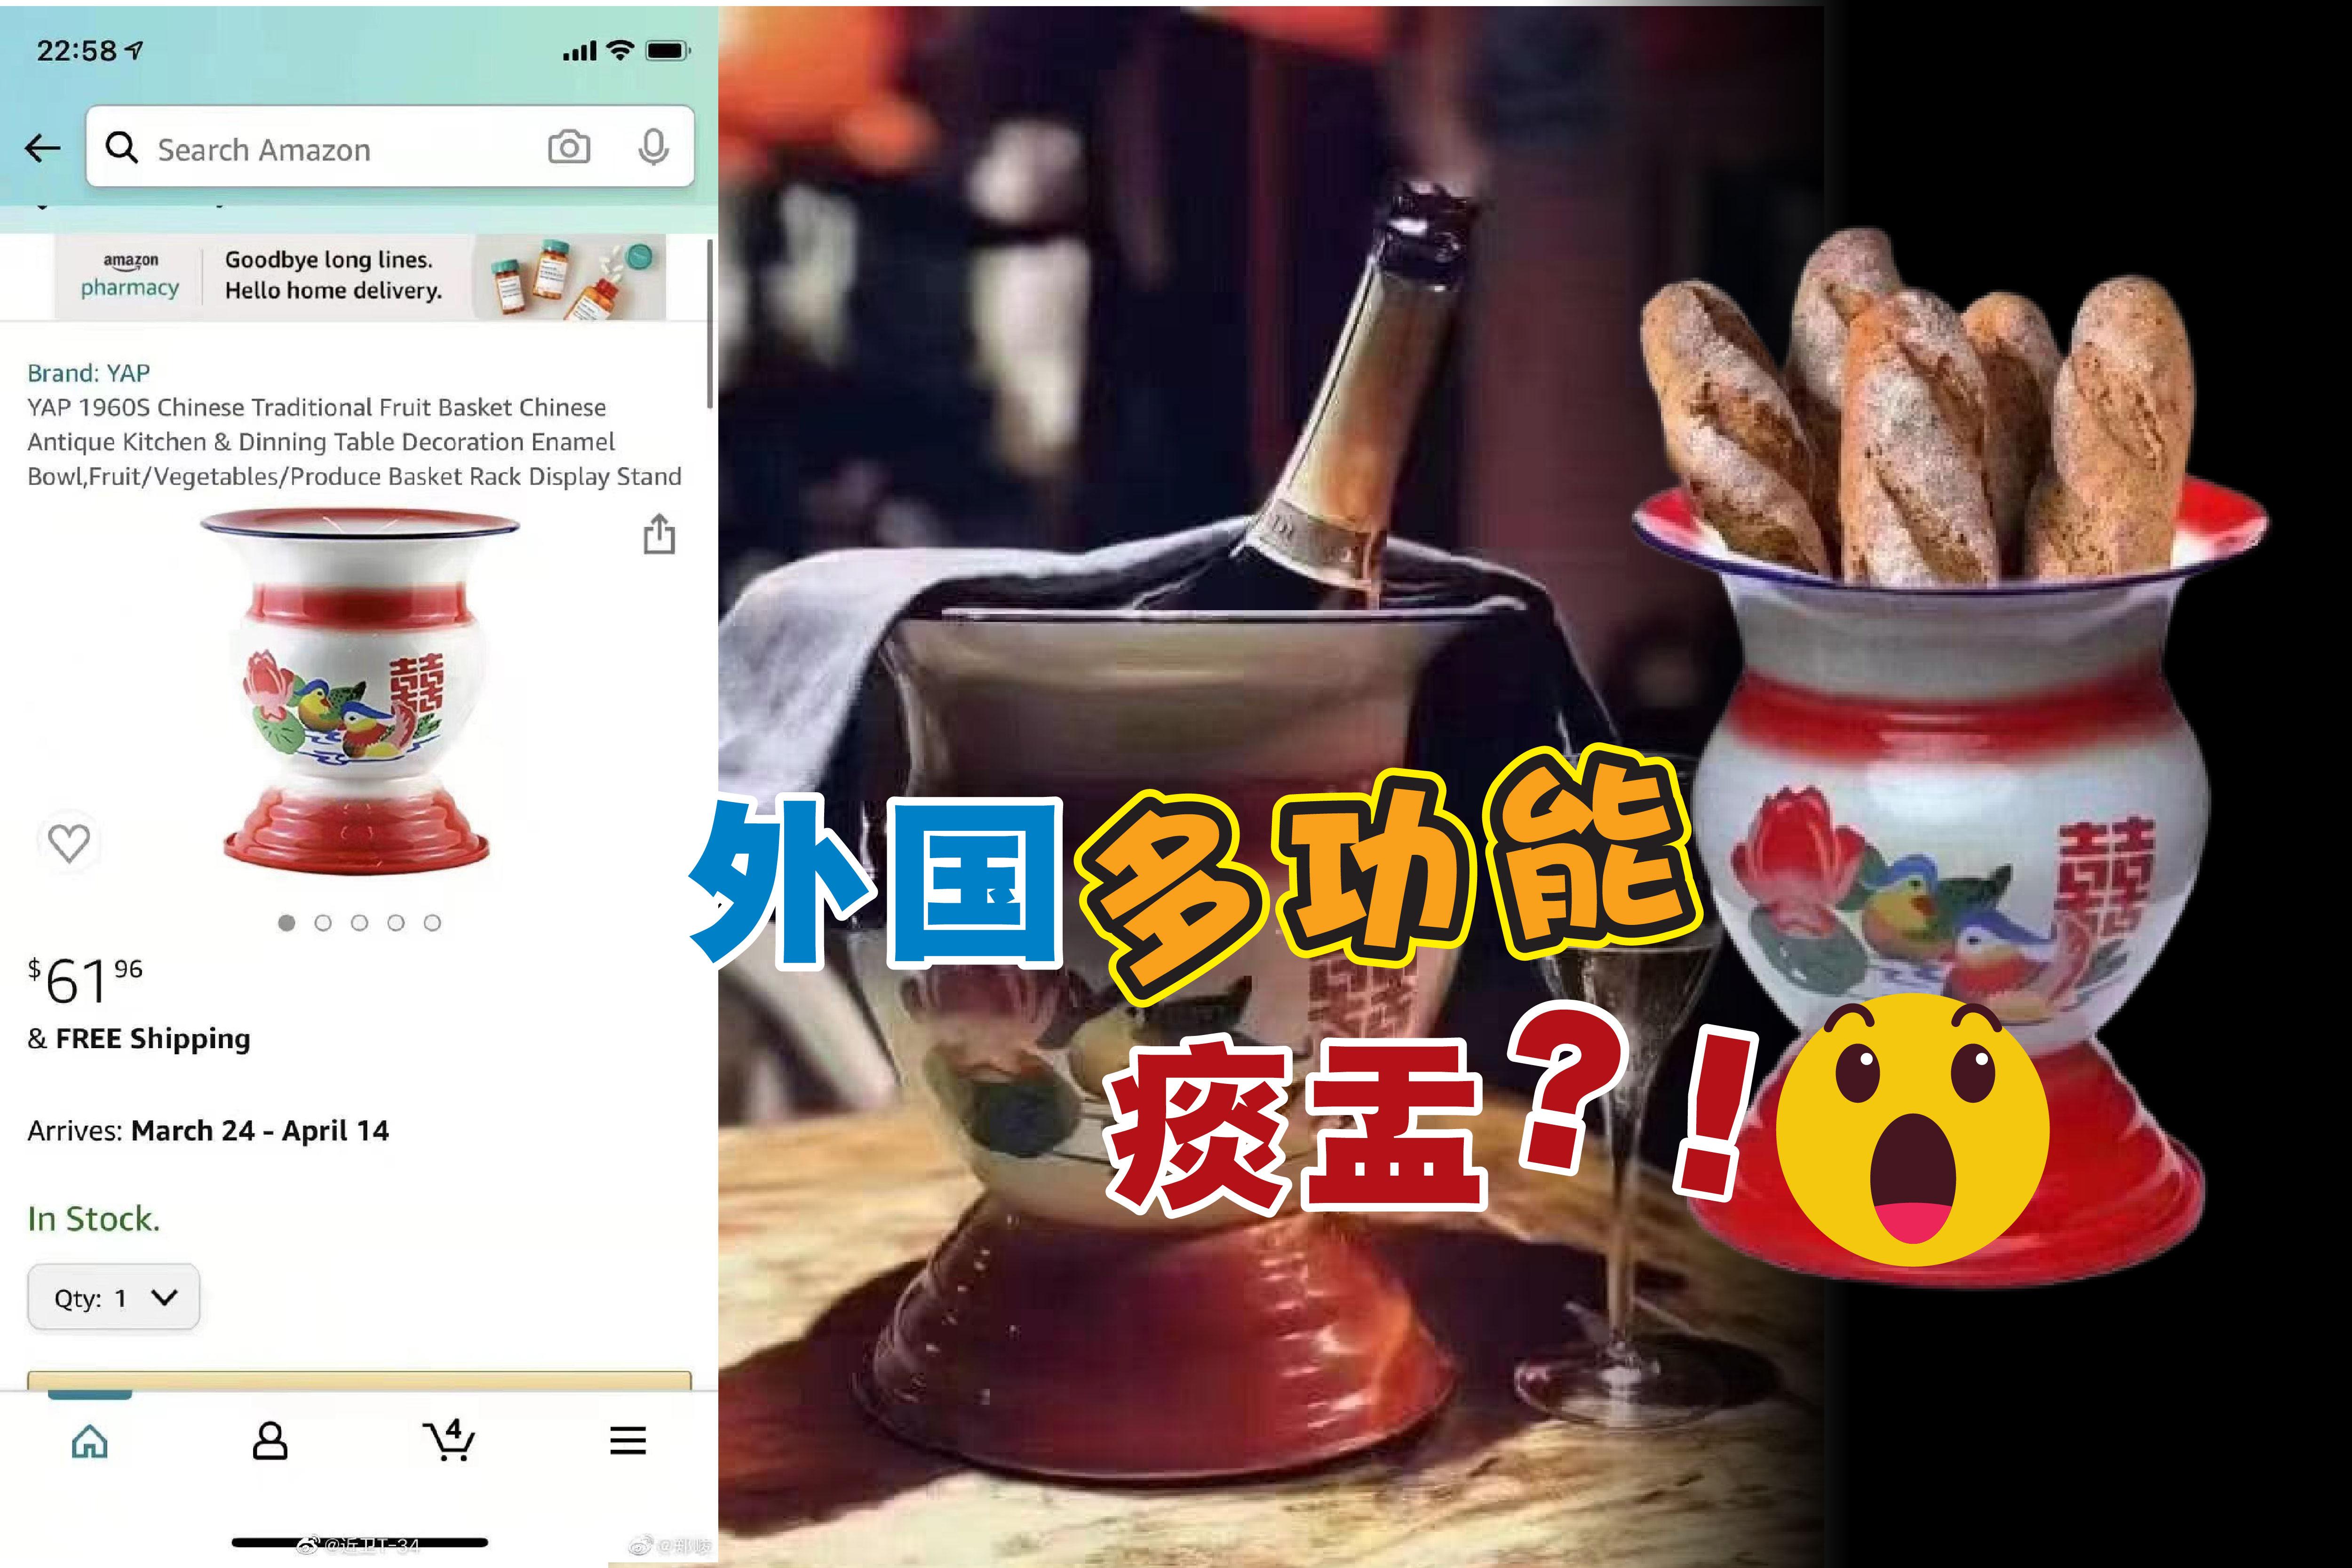 价值28人民币(约17.52令吉)的痰盂,竟然在亚马逊以61.92美元(约251令吉)的高价出售,引发中国网民疯传和热议。-摘自网络/精彩大马制图-